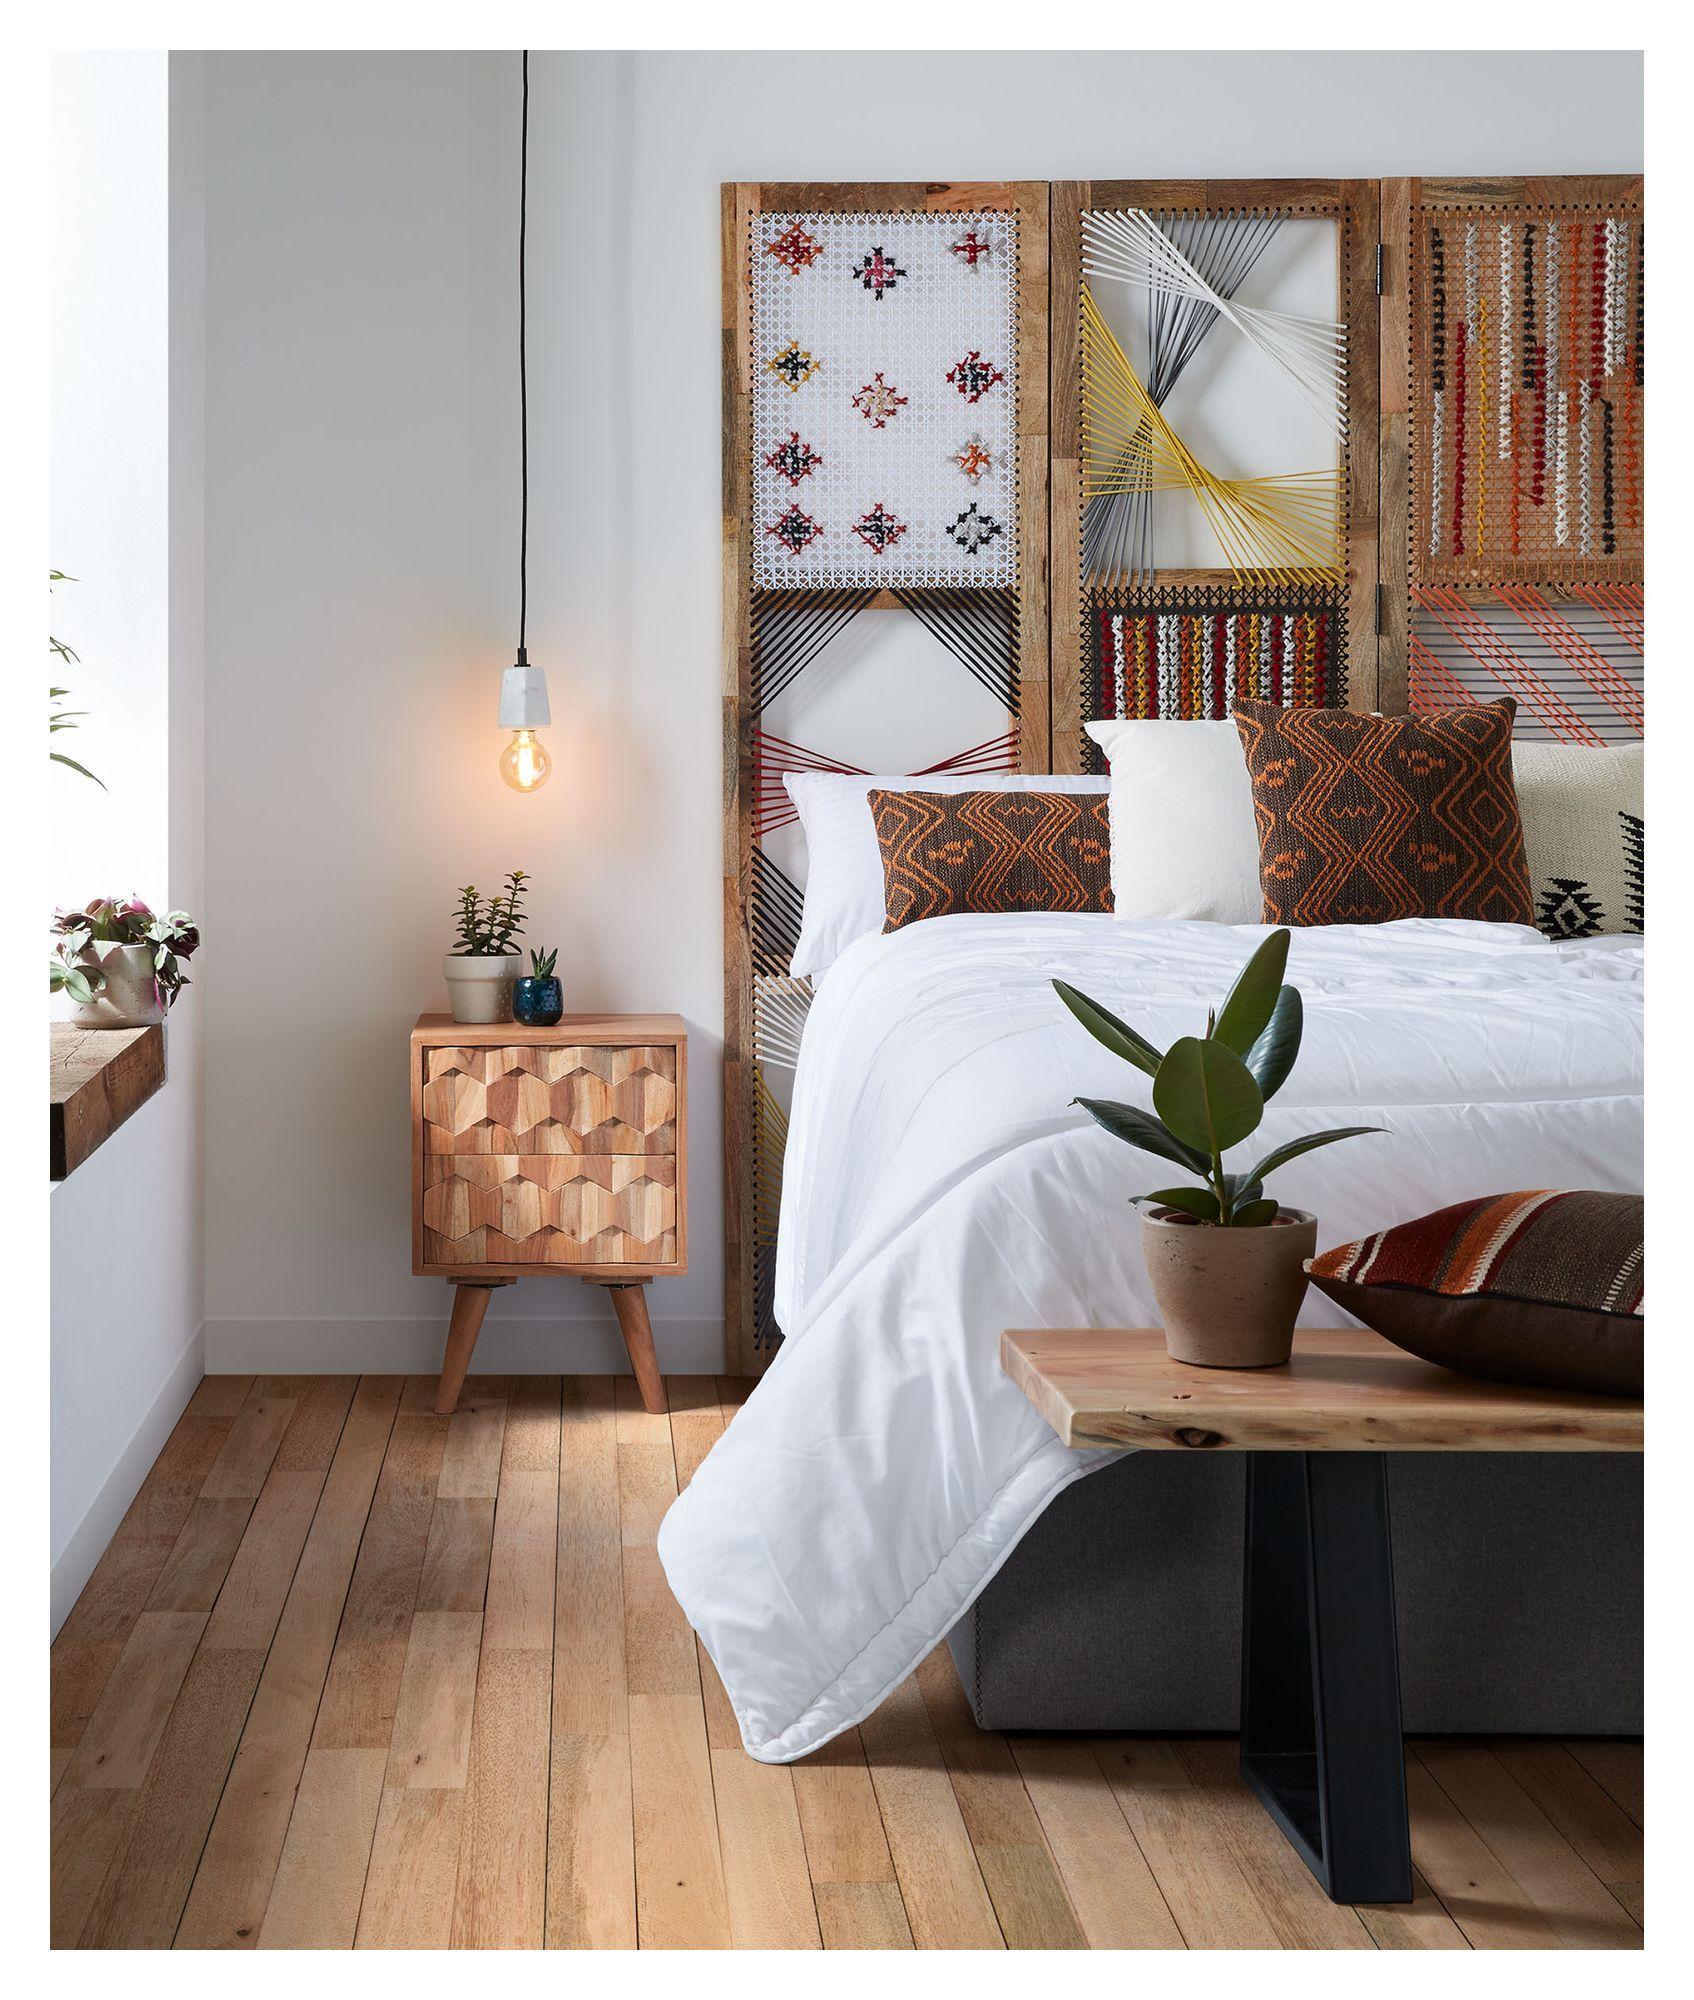 LaForma Image Sengebord 55x40 - Acaciatræ